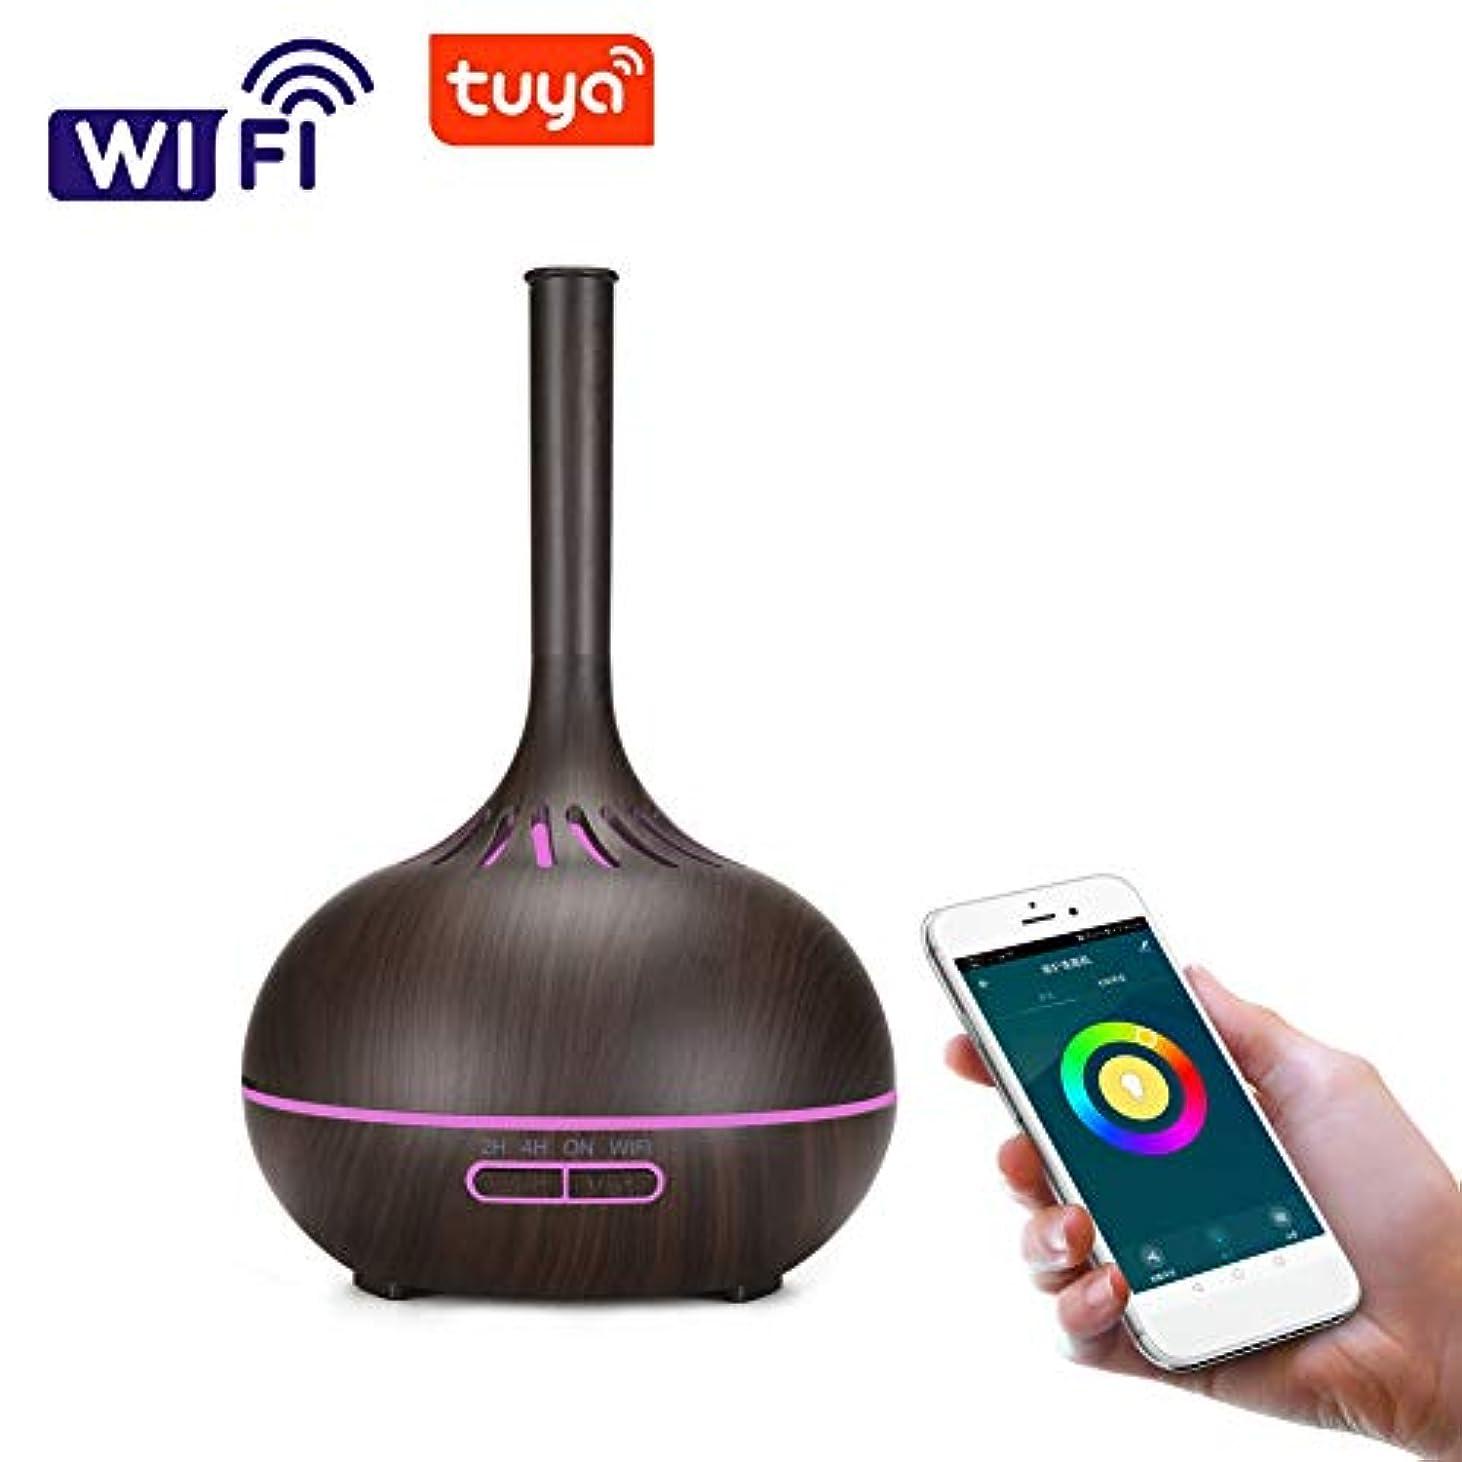 パケット耐えられる報酬の木目 涼しい霧 超音波式 加湿器,wifi 7 色 香り 精油 ディフューザー 調整可能 空気加湿器 アロマネブライザー ホーム Yoga オフィス- 400ml